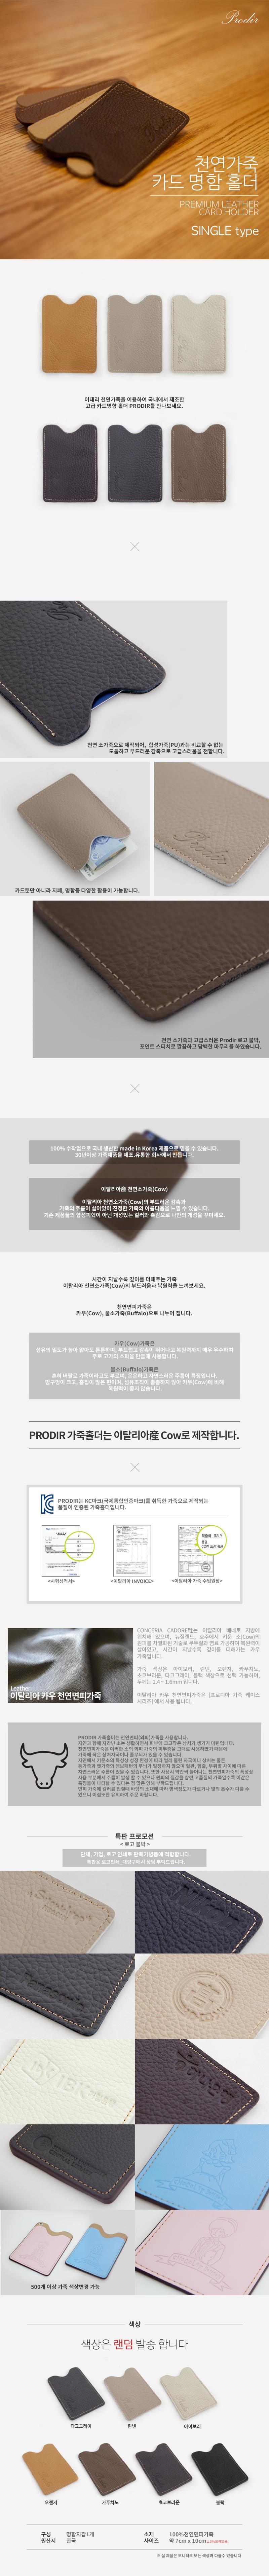 프로디아 천연가죽 카드홀더 싱글 single (1단) - 프로디아, 4,300원, 동전/카드지갑, 카드지갑